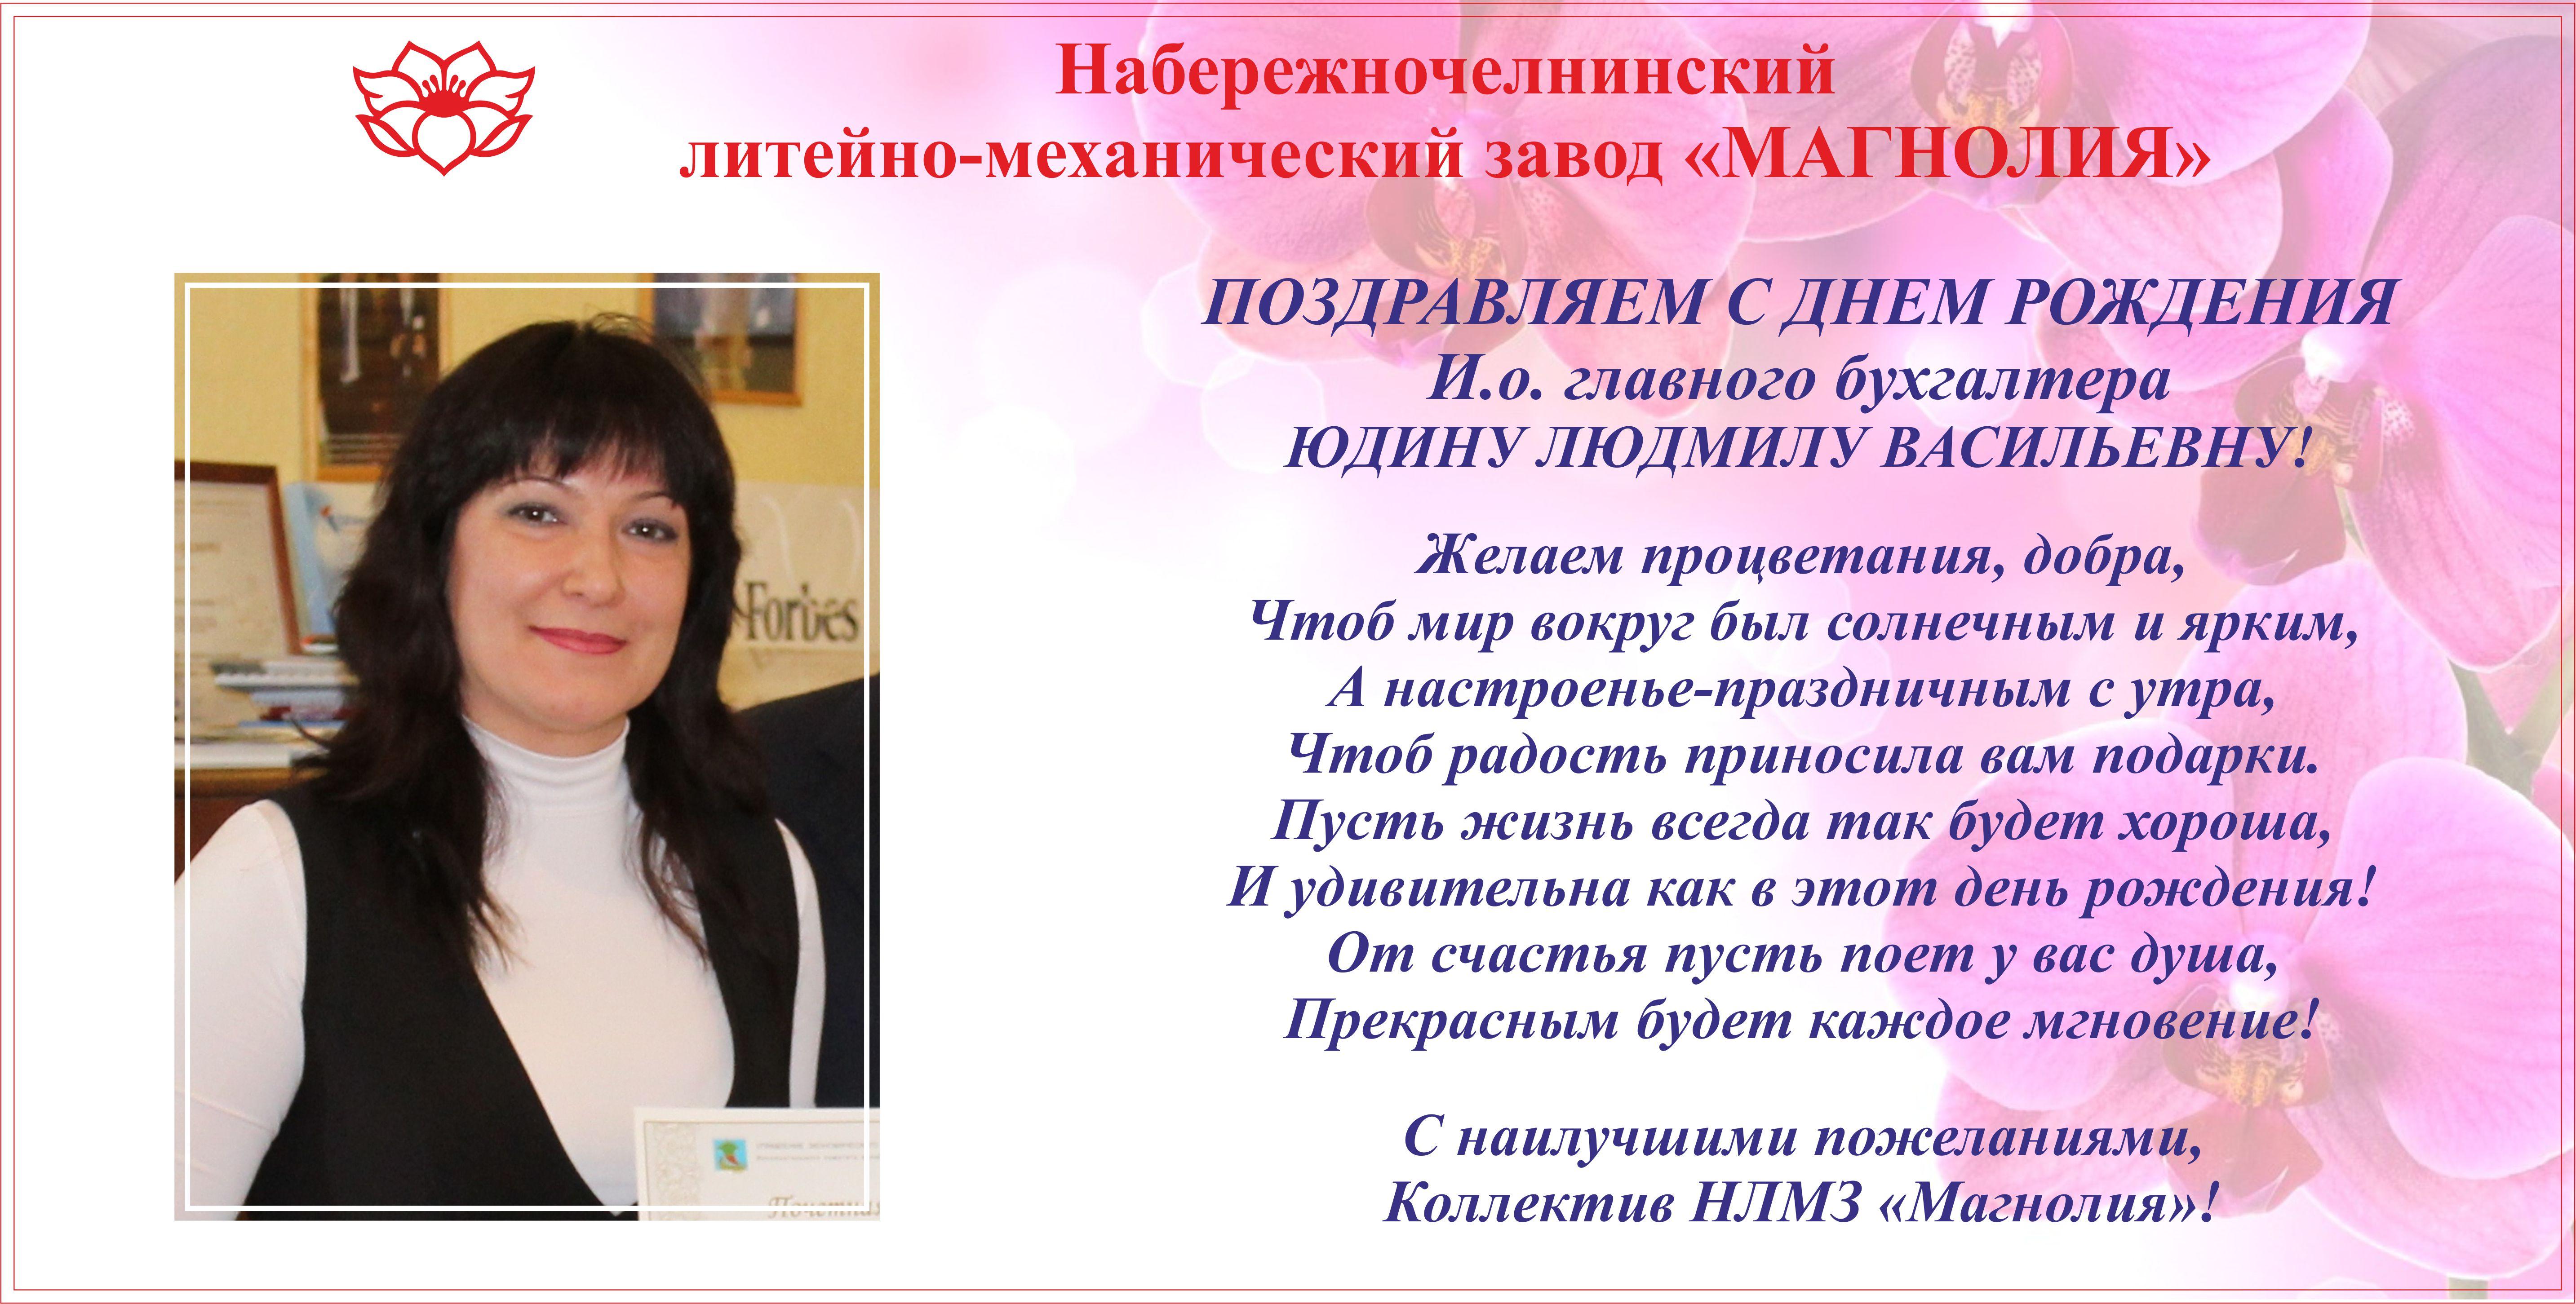 Поздравления с днем рождения женщине руководителю бухгалтеру